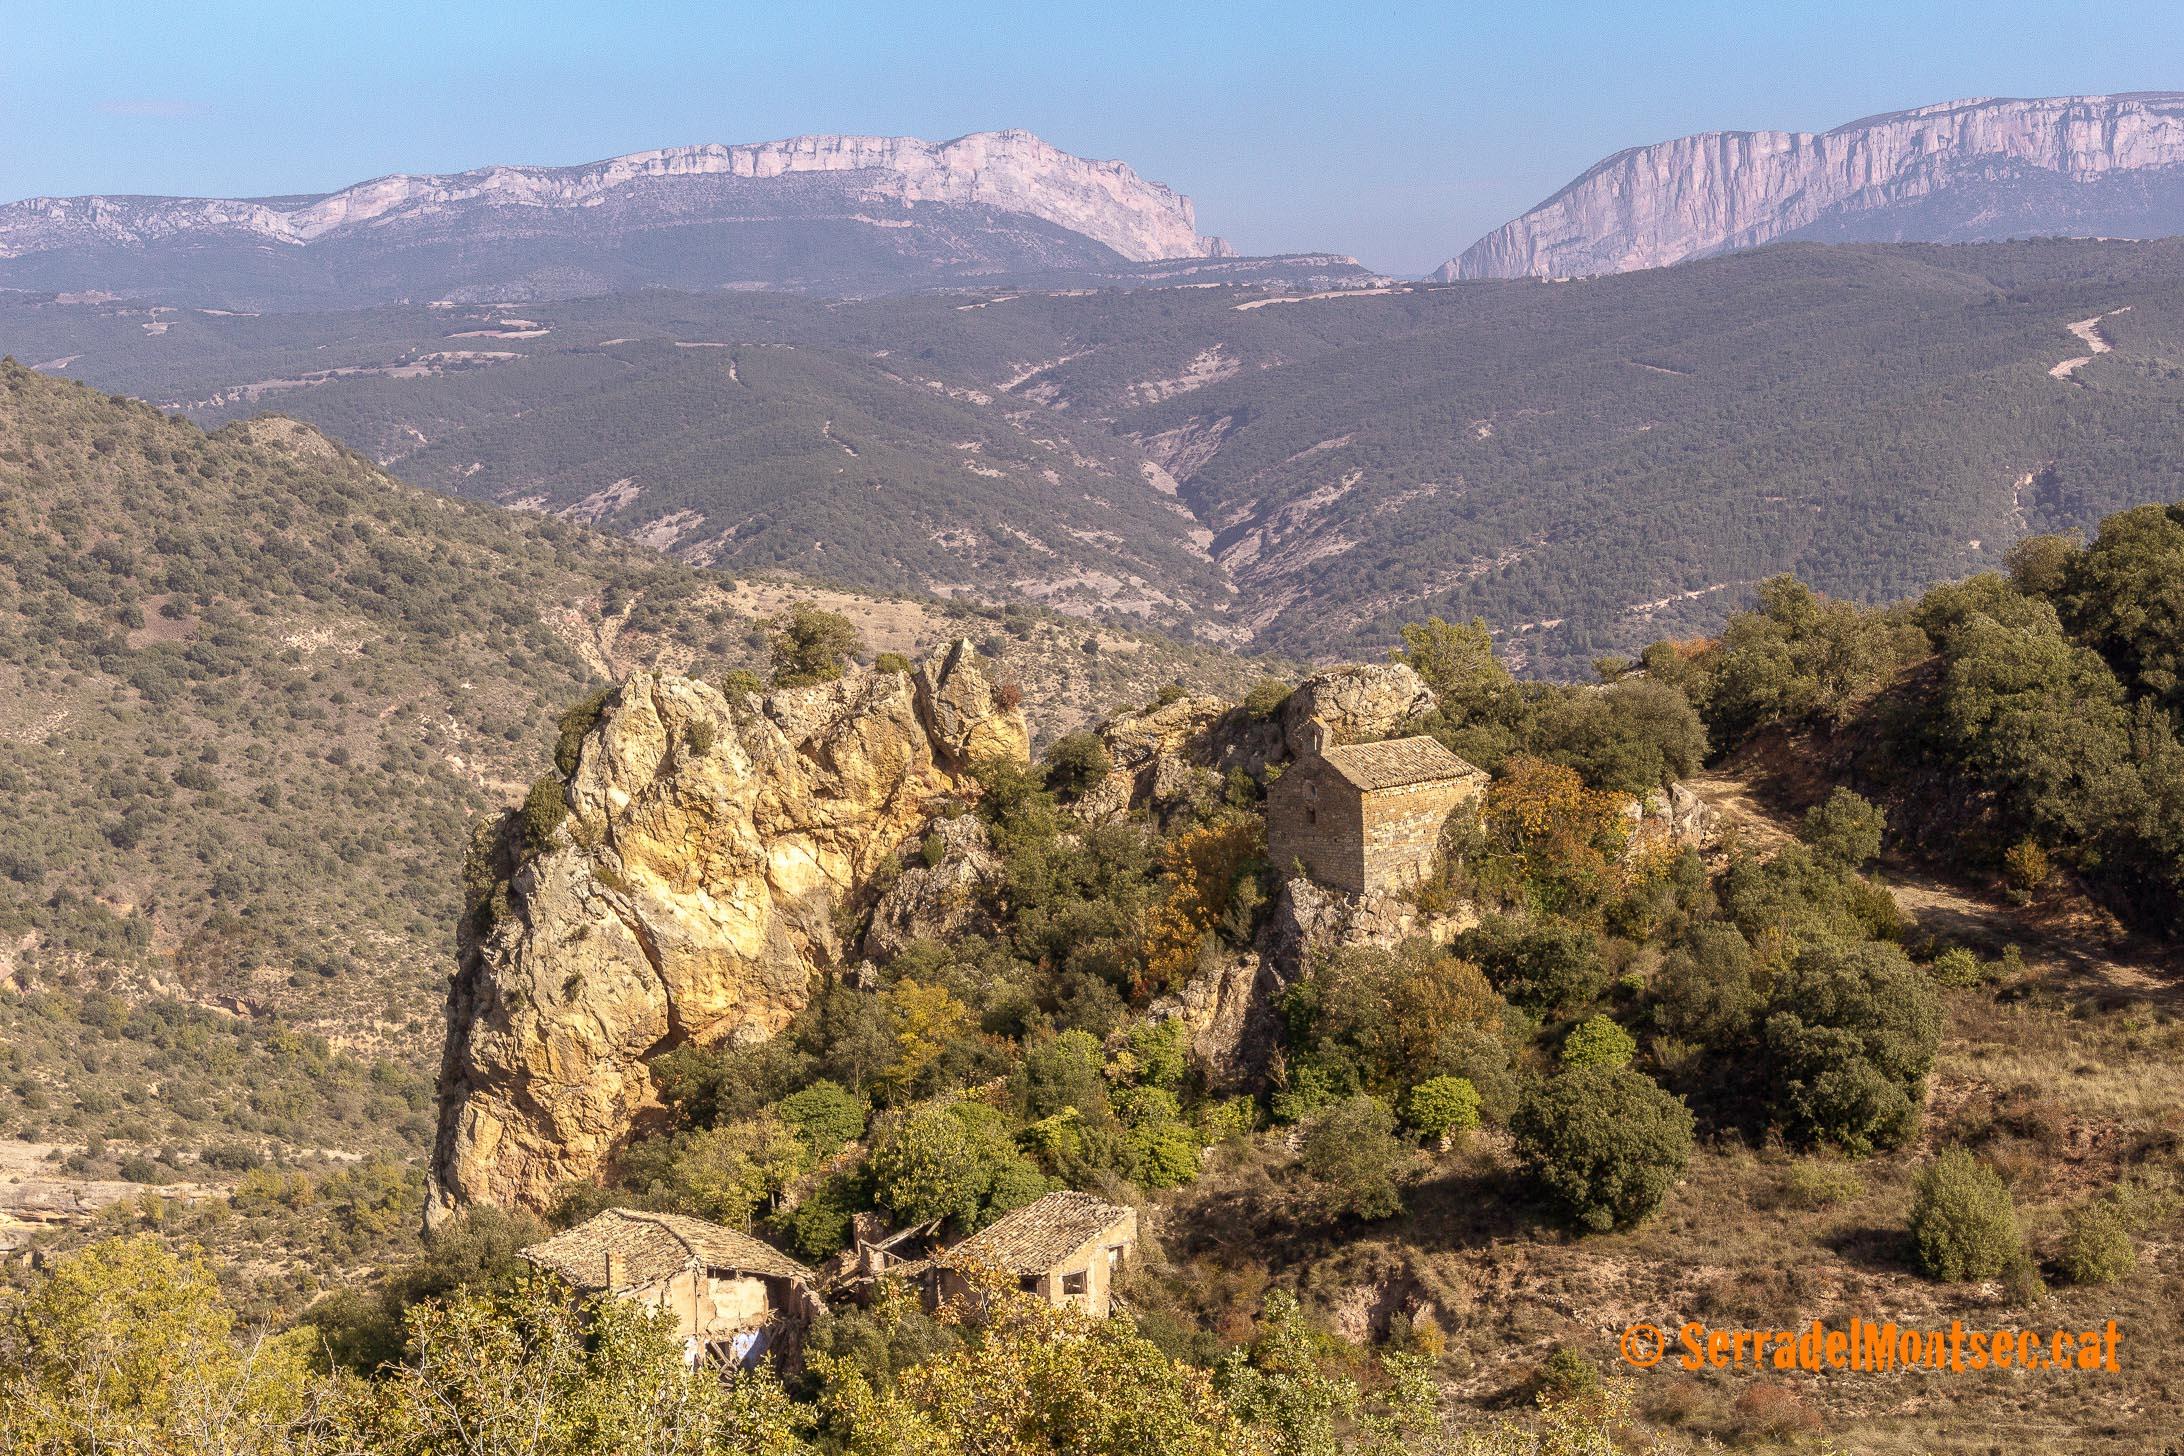 Santa Marina de Soriana, amb algunes cases en runes del barri superior del despoblat de Soriana. Darrera, la Serra d'Espluga, i al fons el Montsec d'Ares (dreta) i el Montsec de l'Estall (esquerra) partit pel Congost de Mont-rebei. Estopanyà. La Ribagorça d'Osca. Aragó. Montsec de l'Estall.